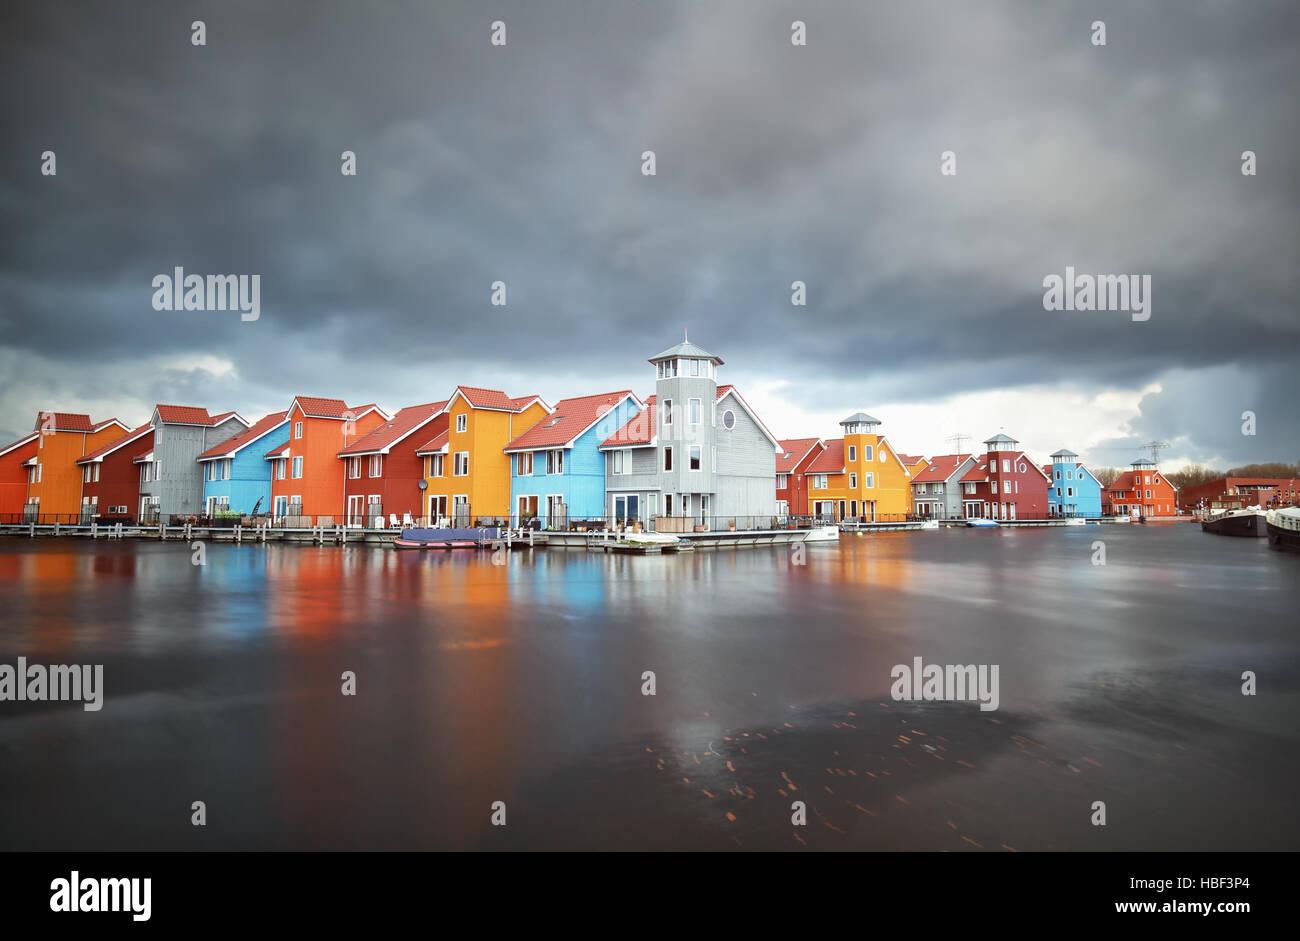 Bâtiments colorés sur l'eau pendant une tempête Photo Stock